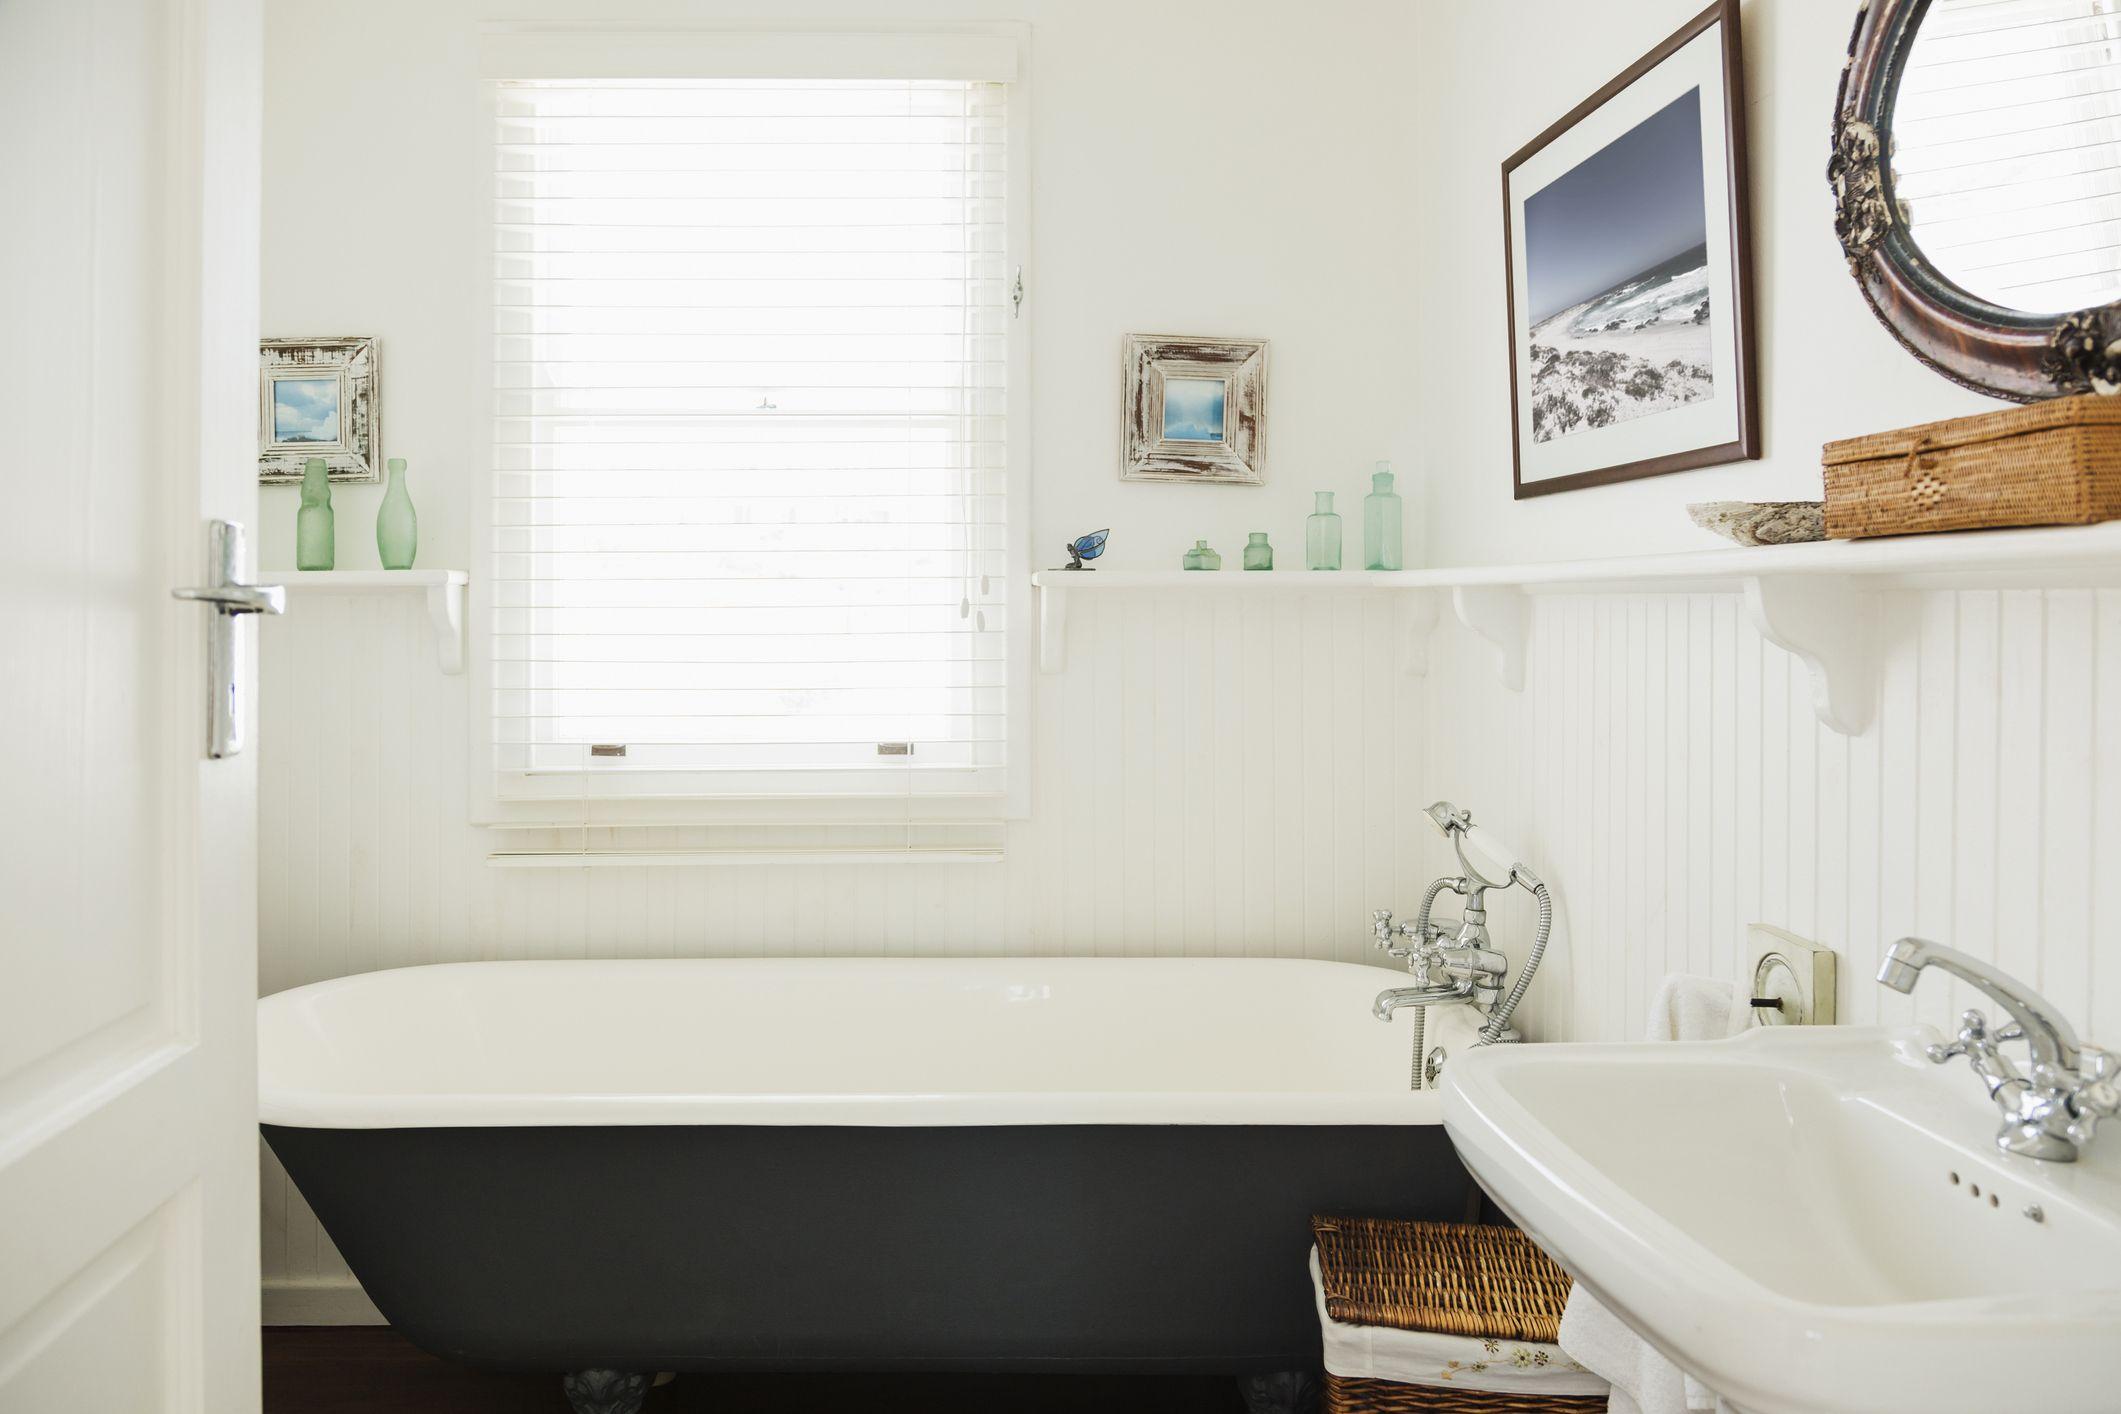 100 Luxury Bathrooms s of Best Bathroom Inspiration